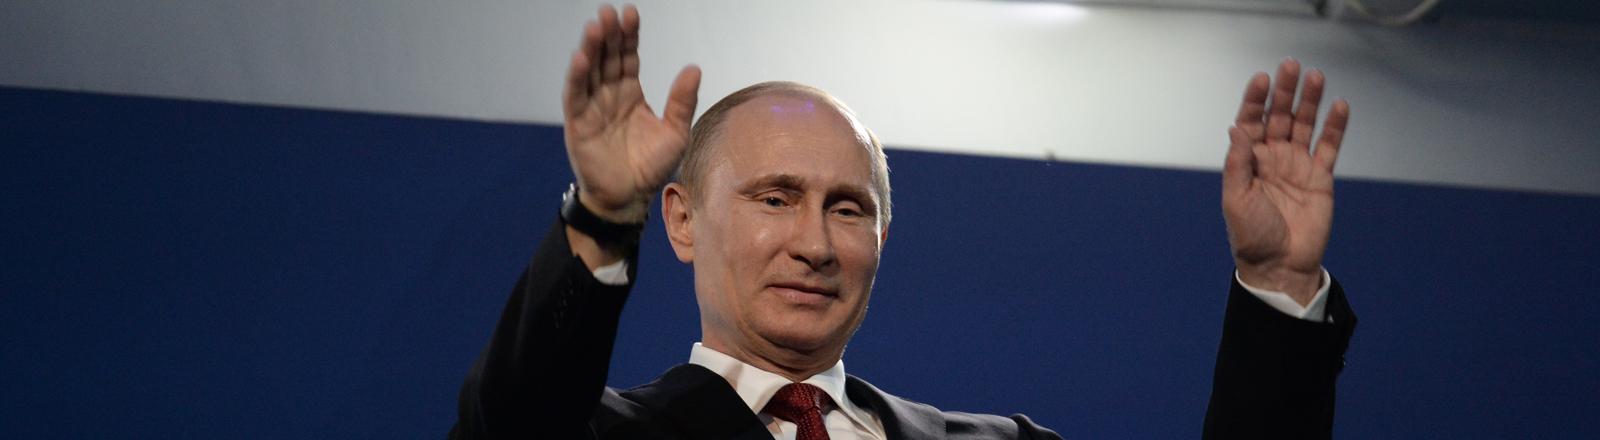 Wladmir Putin bei der Abschlussfeier der Paralympischen Winterspiele in Sotschi